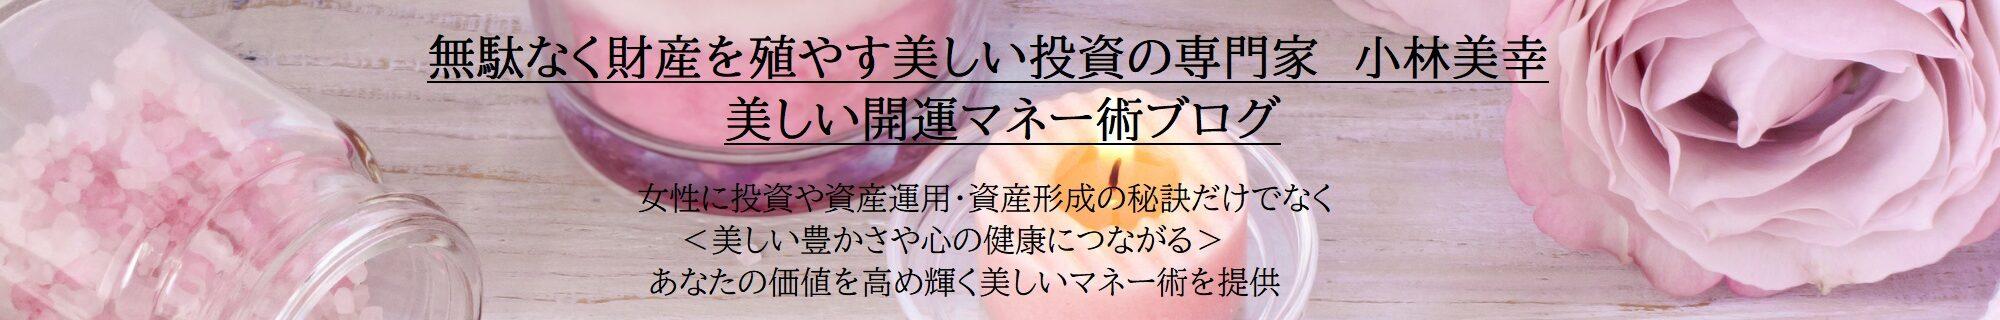 小林美幸公式サイト